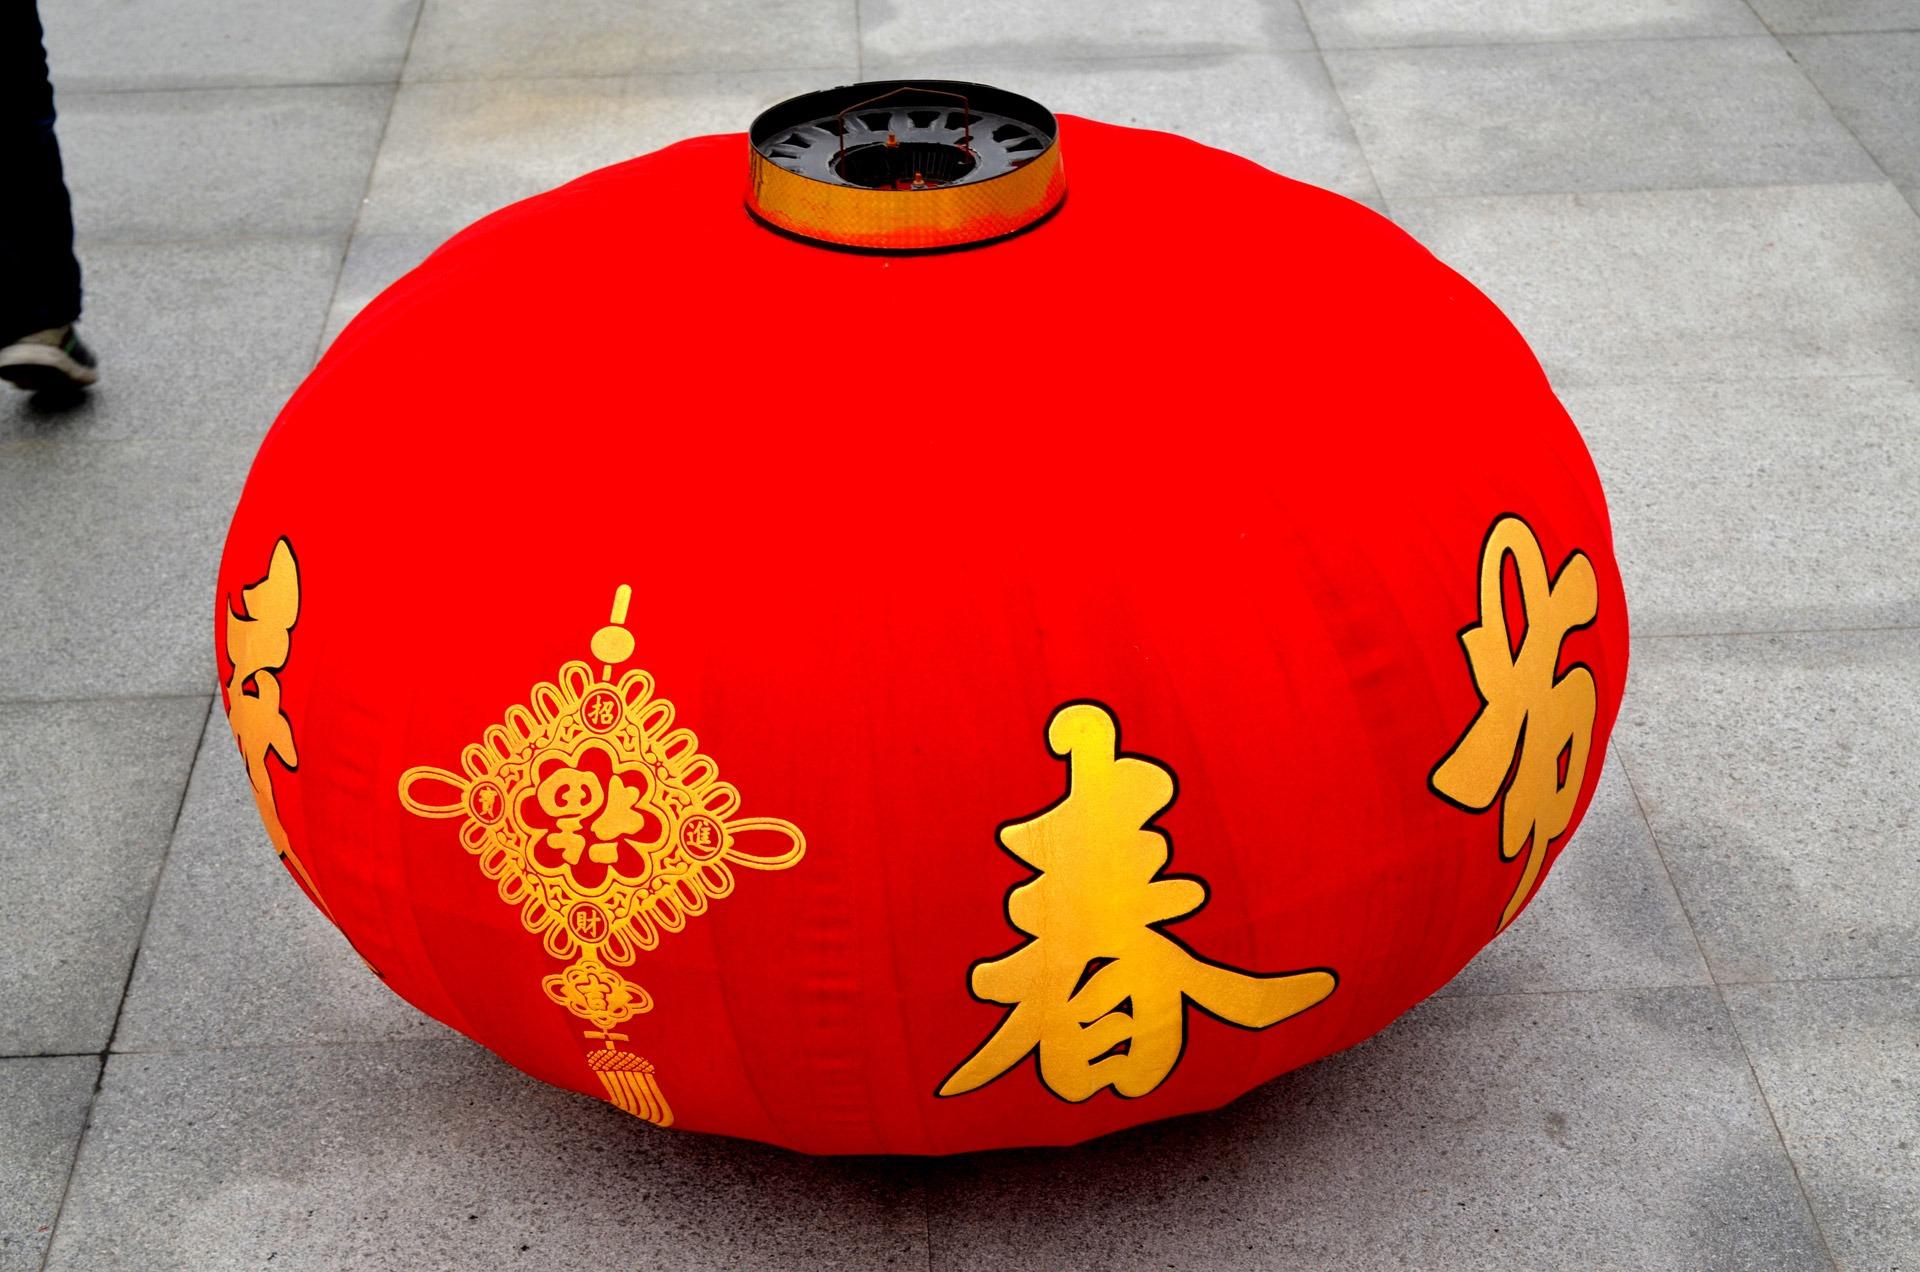 Free Images Celebration Decoration Lantern Chinese Red